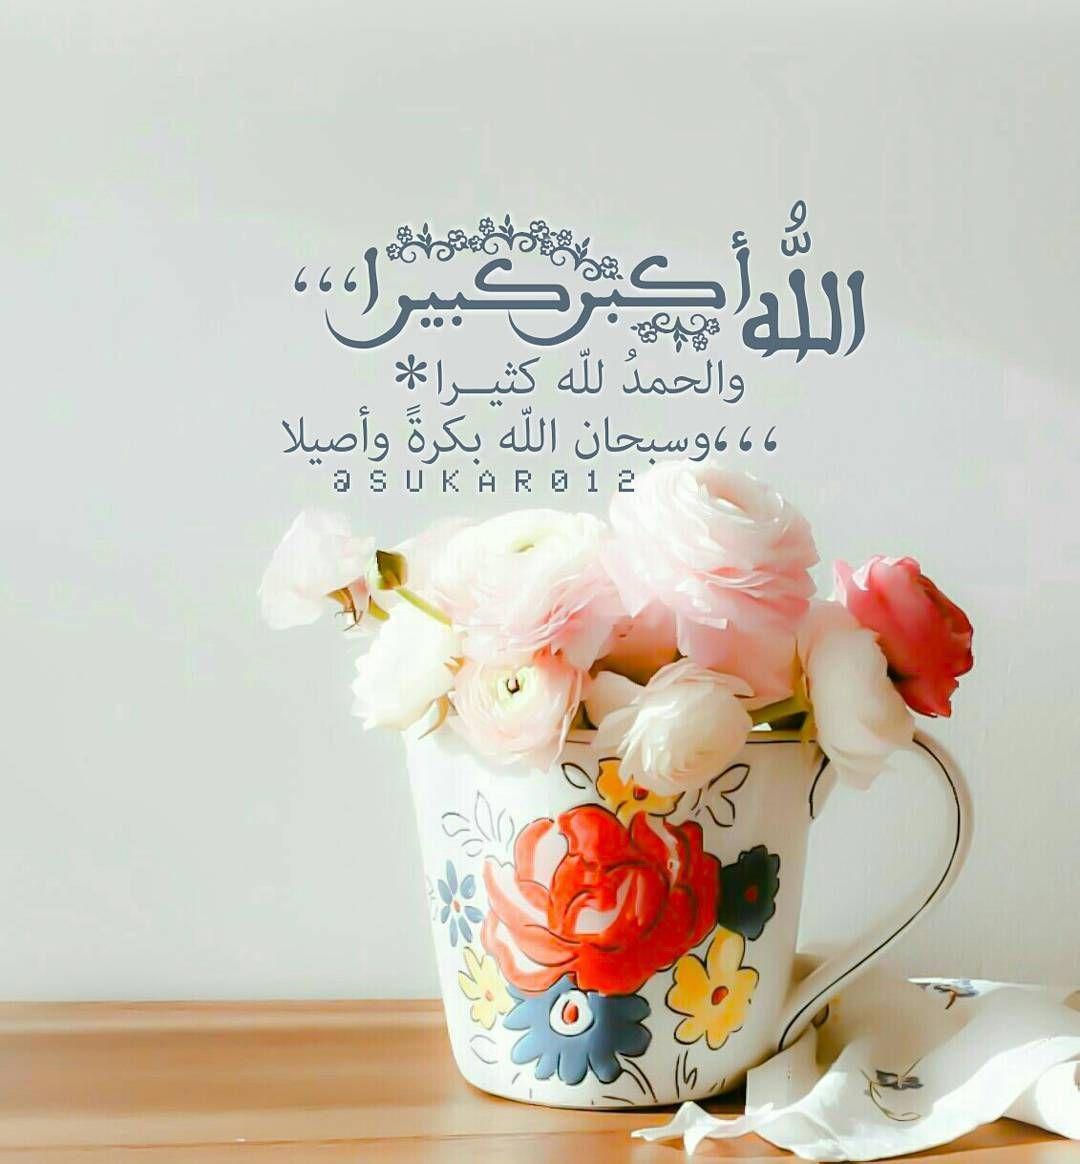 الل ه أكبر كبيرا والحمد لله كثيرا وسبحان الله بكرة وأصيلا عشر ذي الحجة تكبيرات Occasion Islam